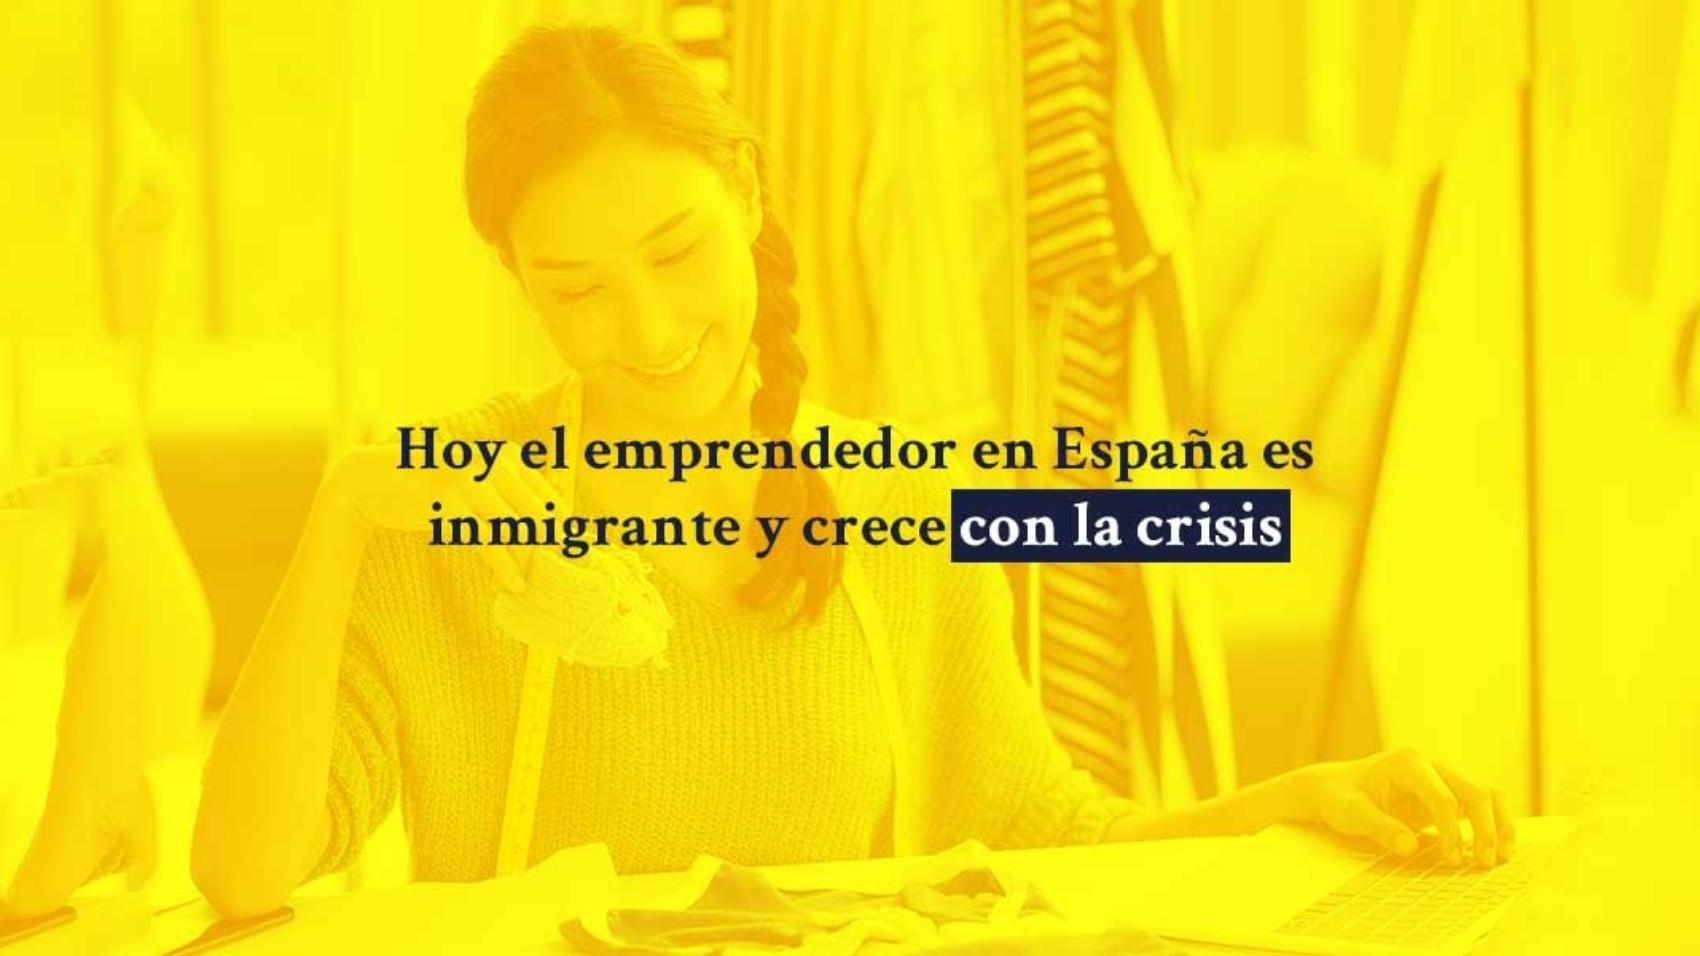 Hoy el emprendedor en España es inmigrante y crece con la crisis